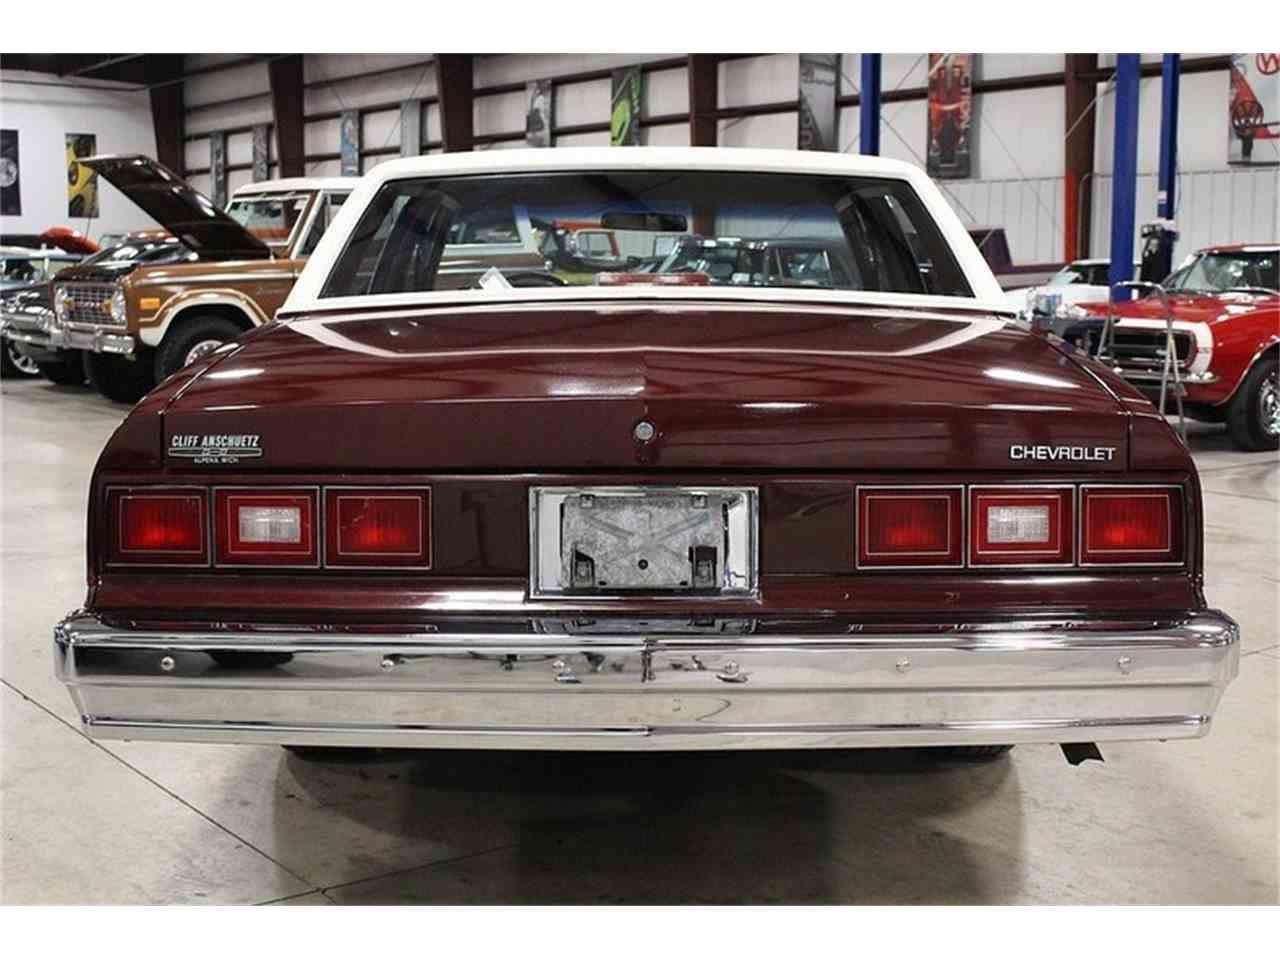 1981 Chevrolet Impala for Sale | ClassicCars.com | CC-1006770